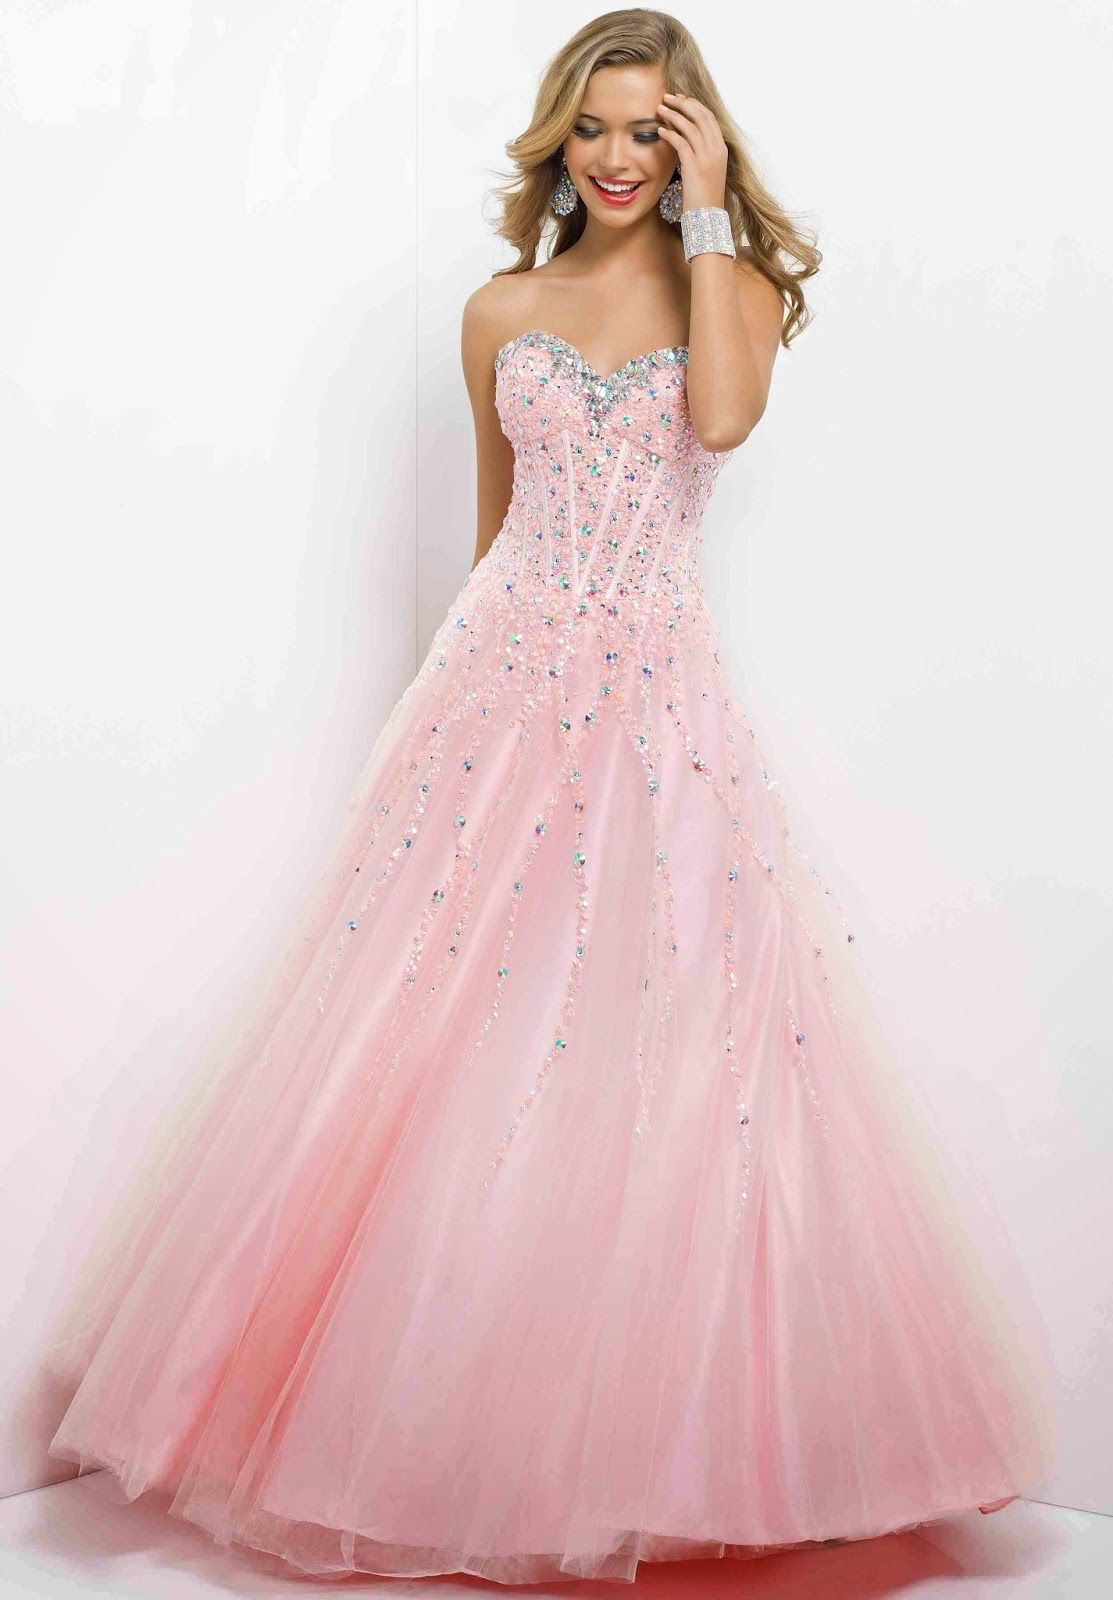 Estupendos vestidos de fiesta | Moda y Tendencias | Vestido ...